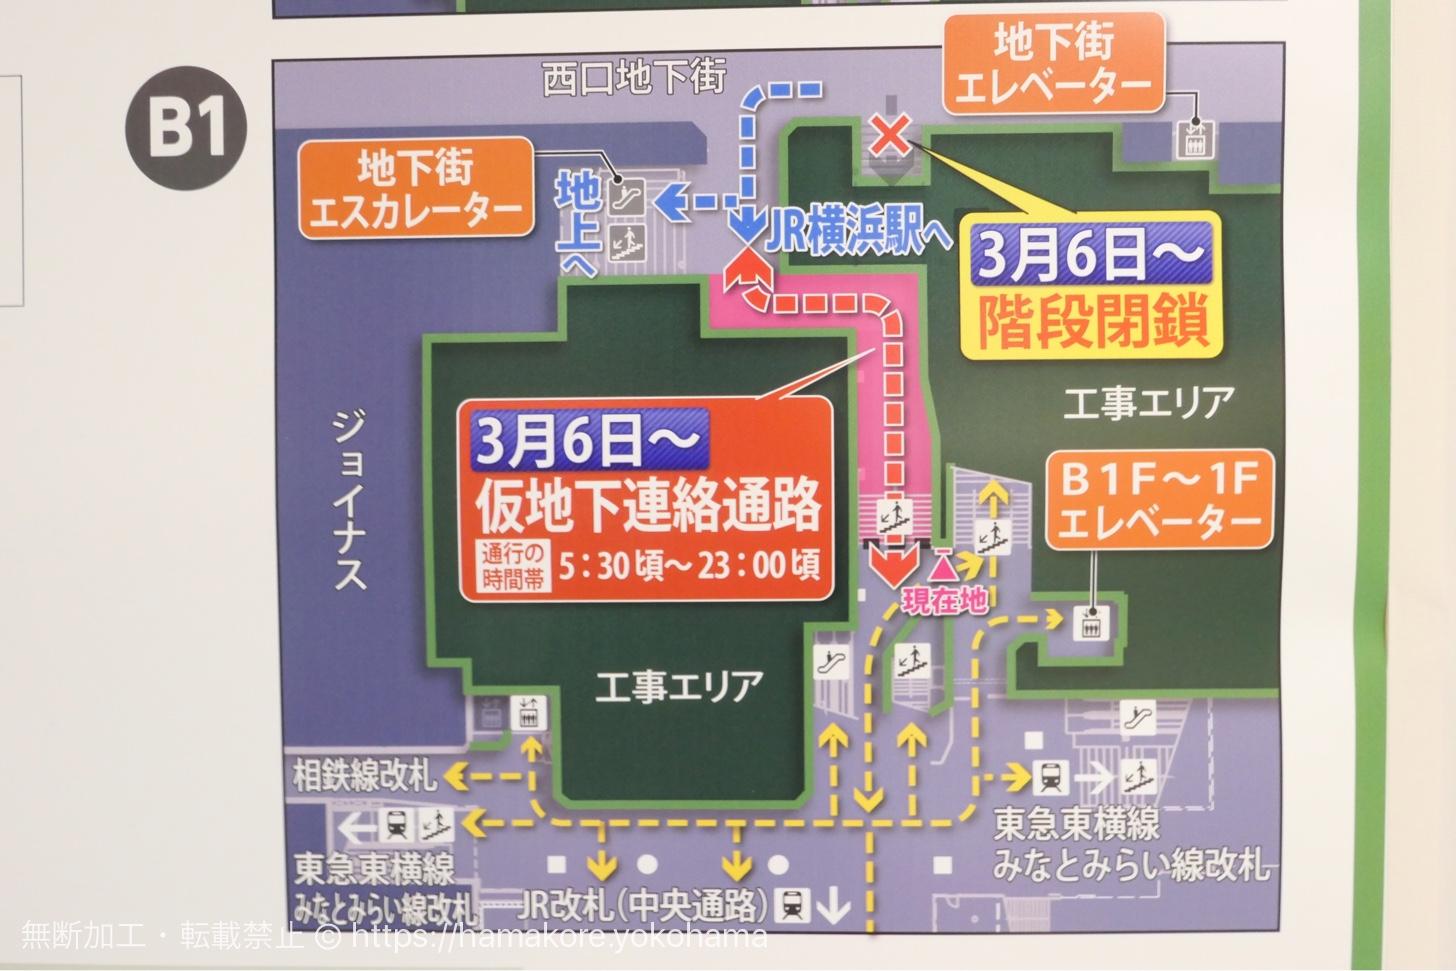 横浜駅西口 仮地下連絡通路